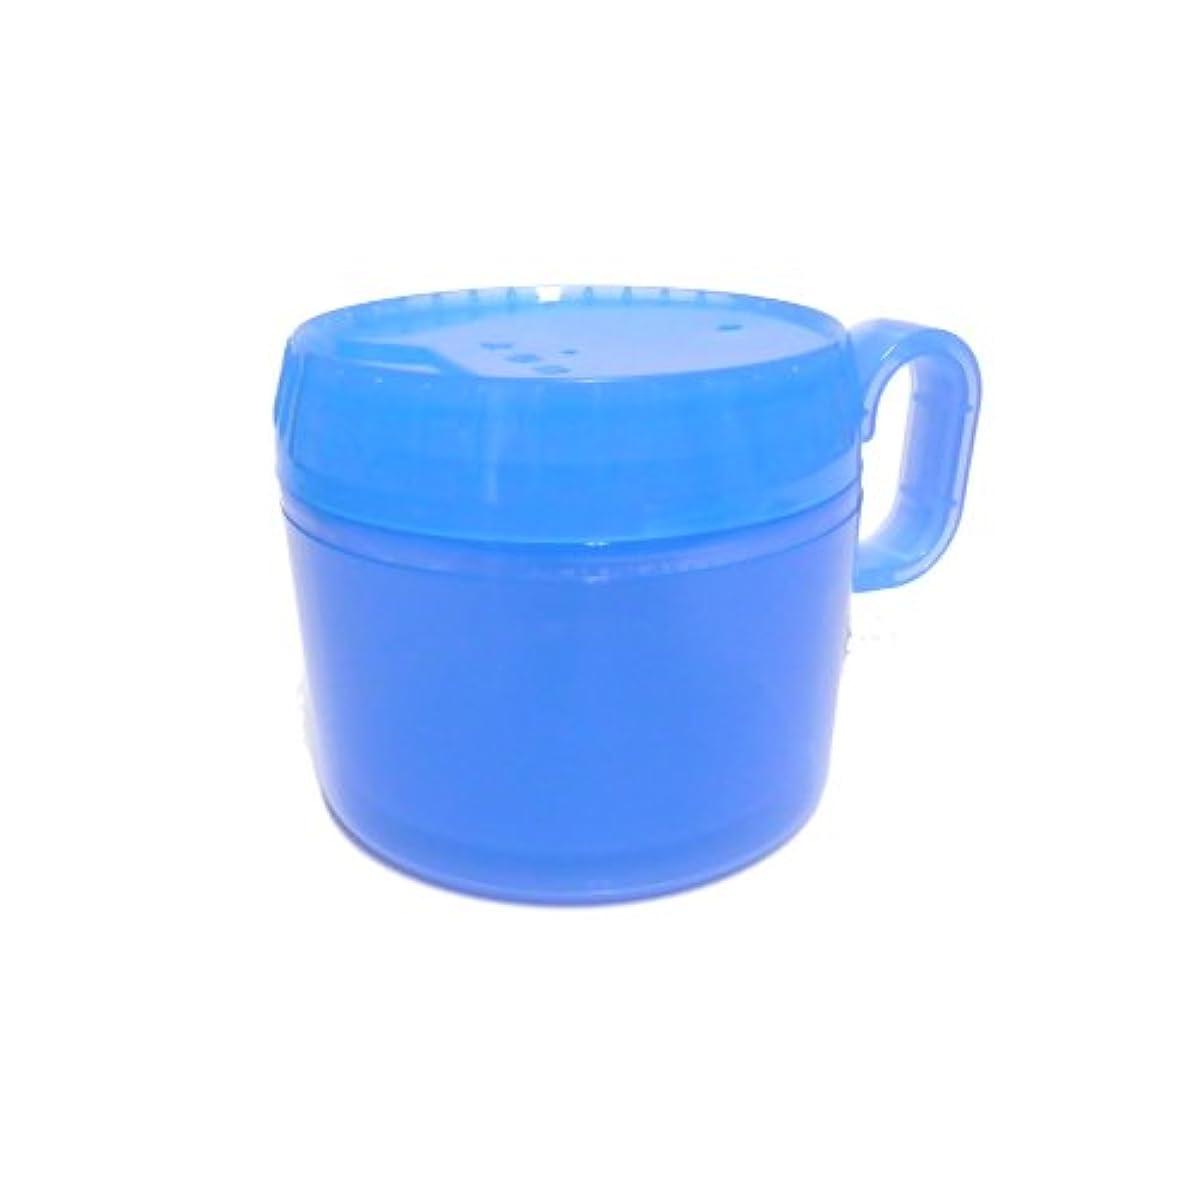 メンタリティ増幅器ブレスニッシン フィジオ クリーン キラリ 入れ歯 保温洗浄容器